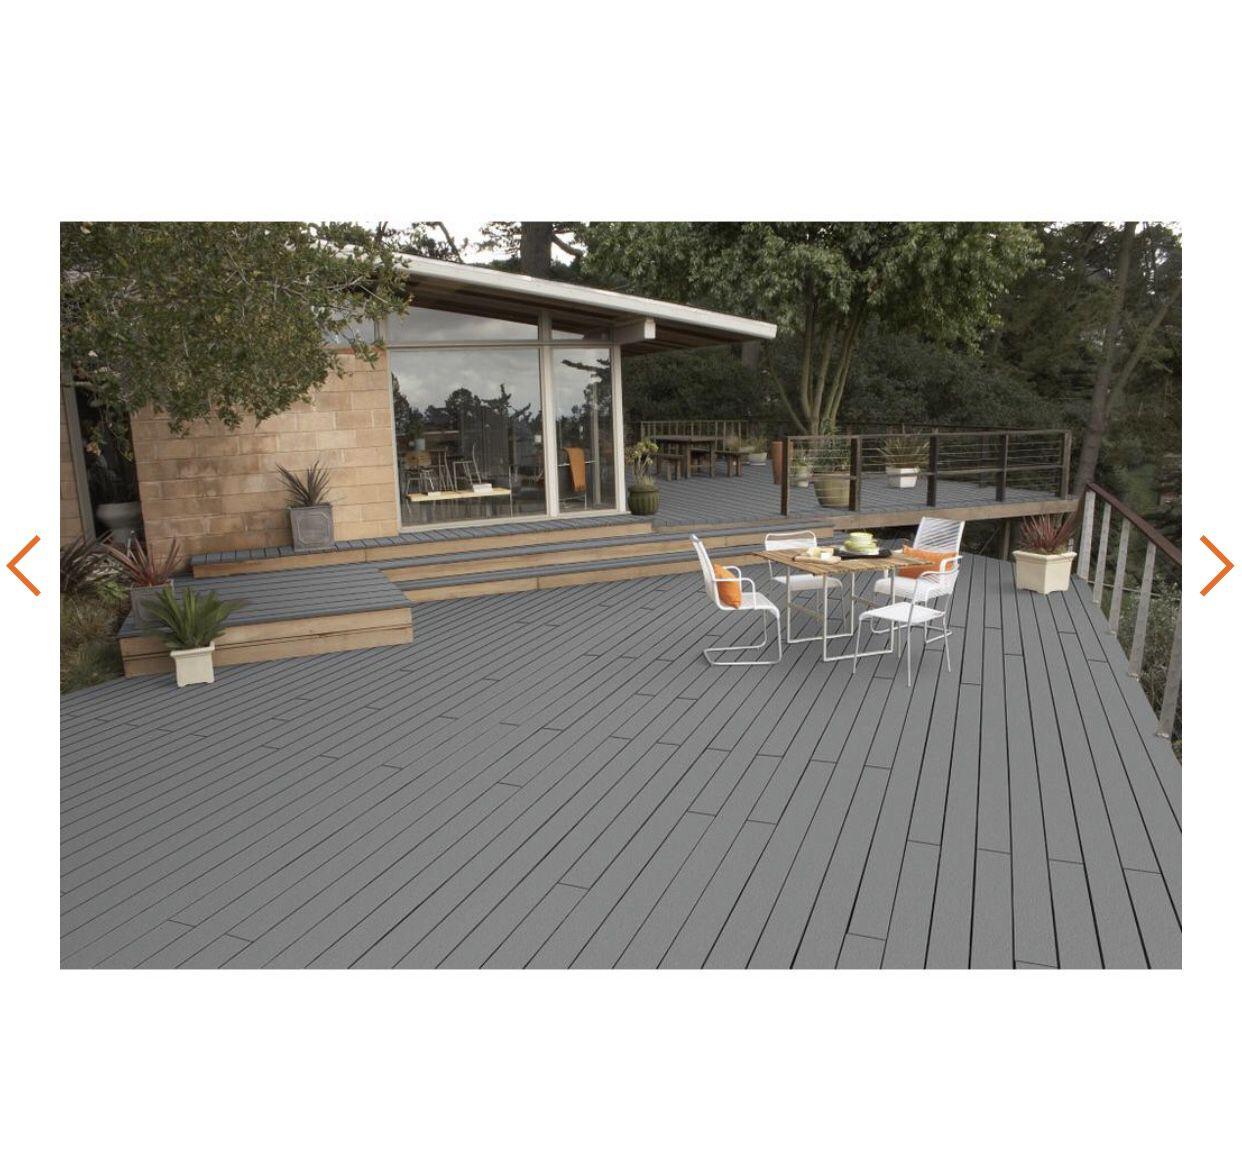 Behr Premium wood coating paint